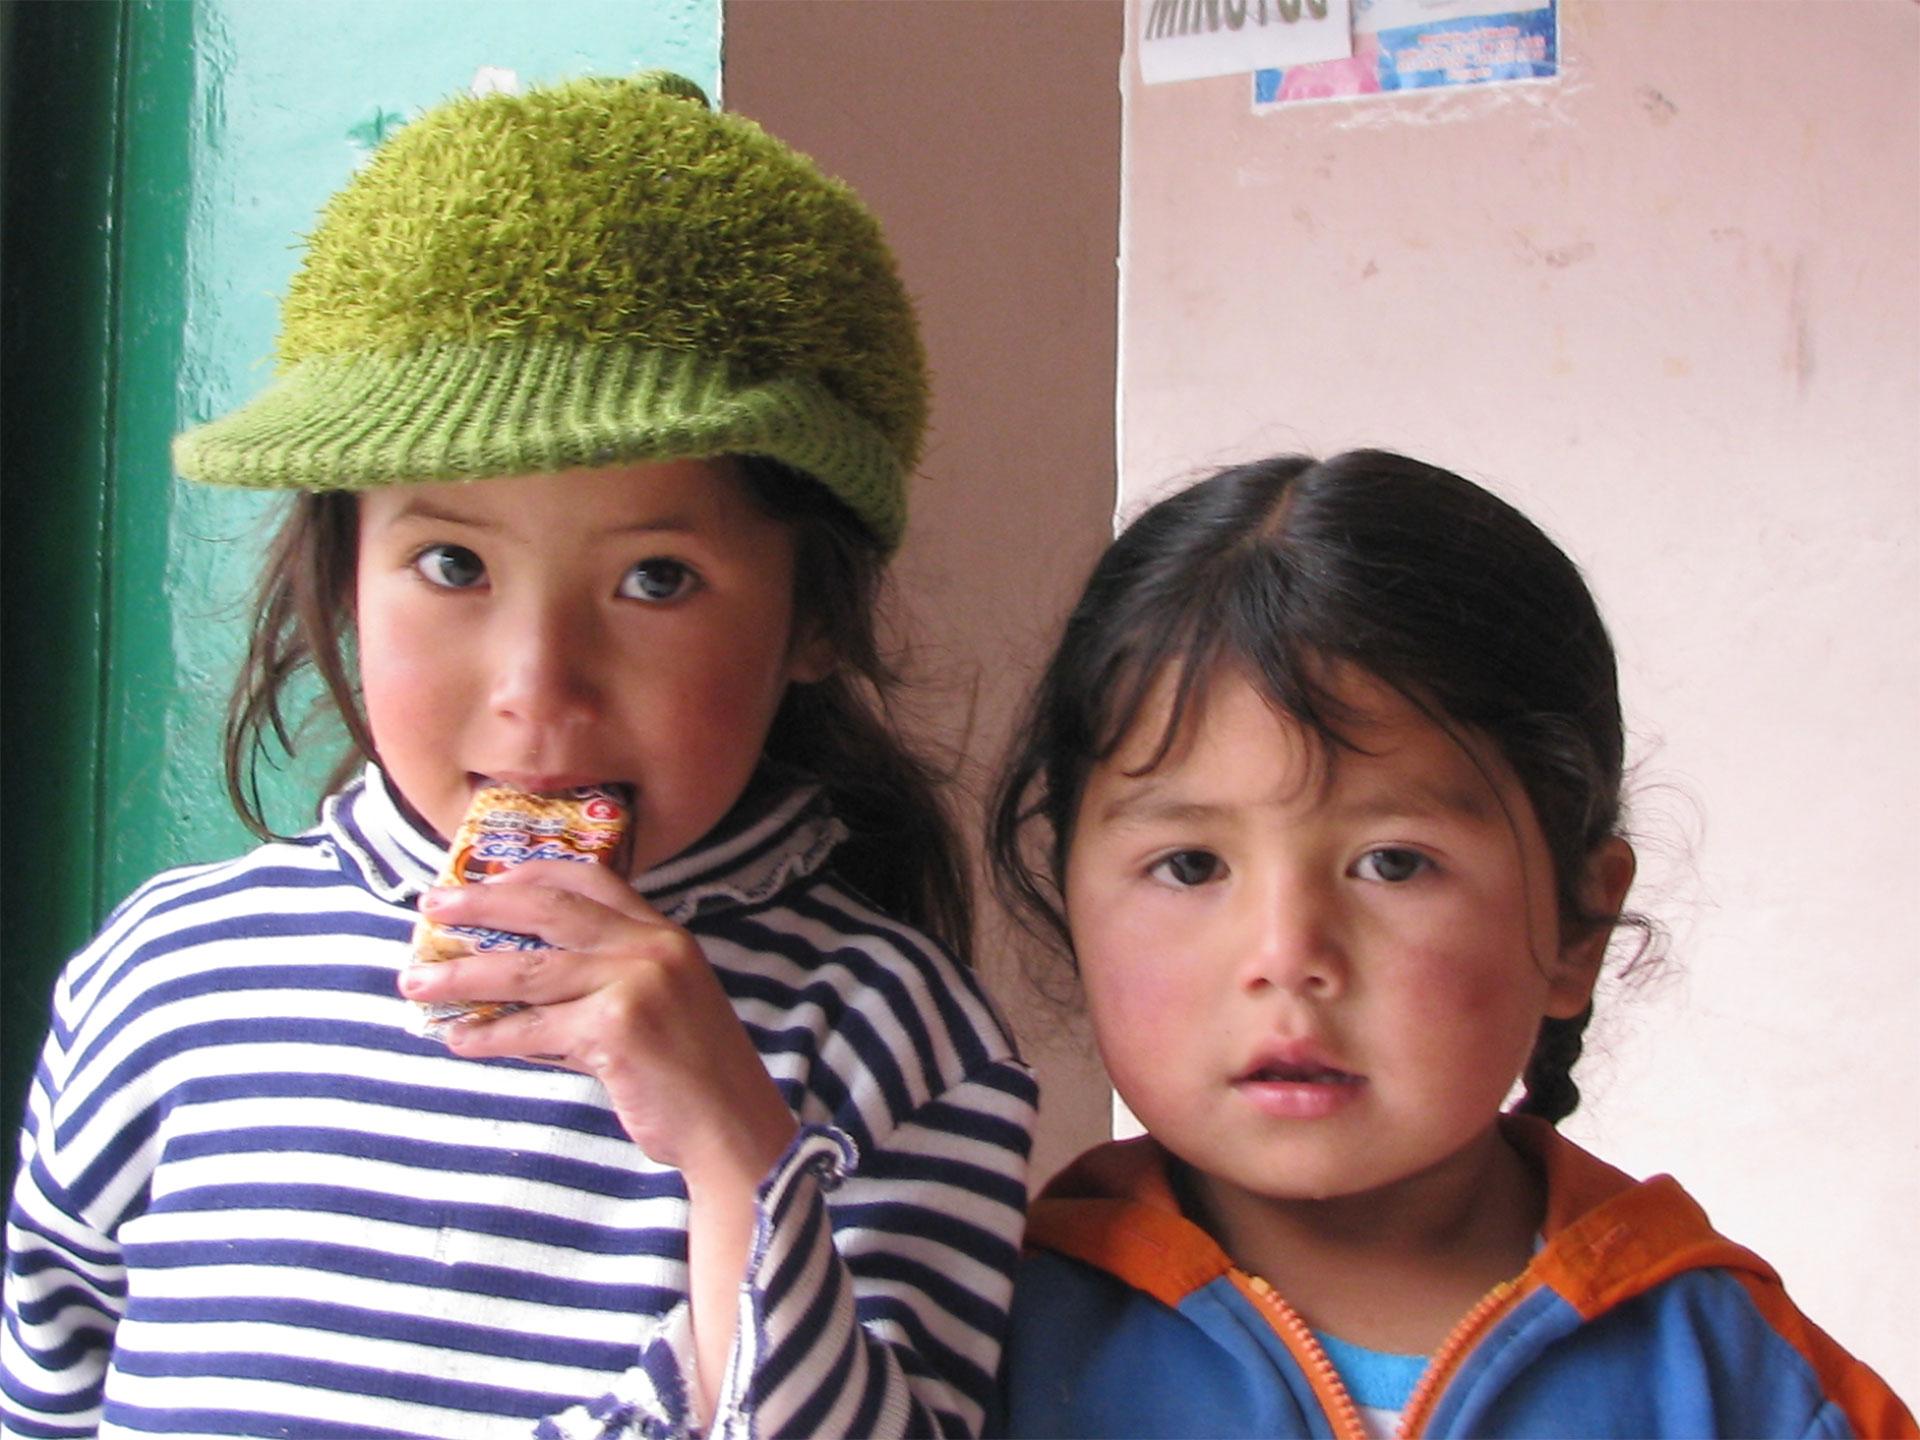 En 2005, el 60% de los menores de cinco años en Chocó presentaba niveles de desnutrición